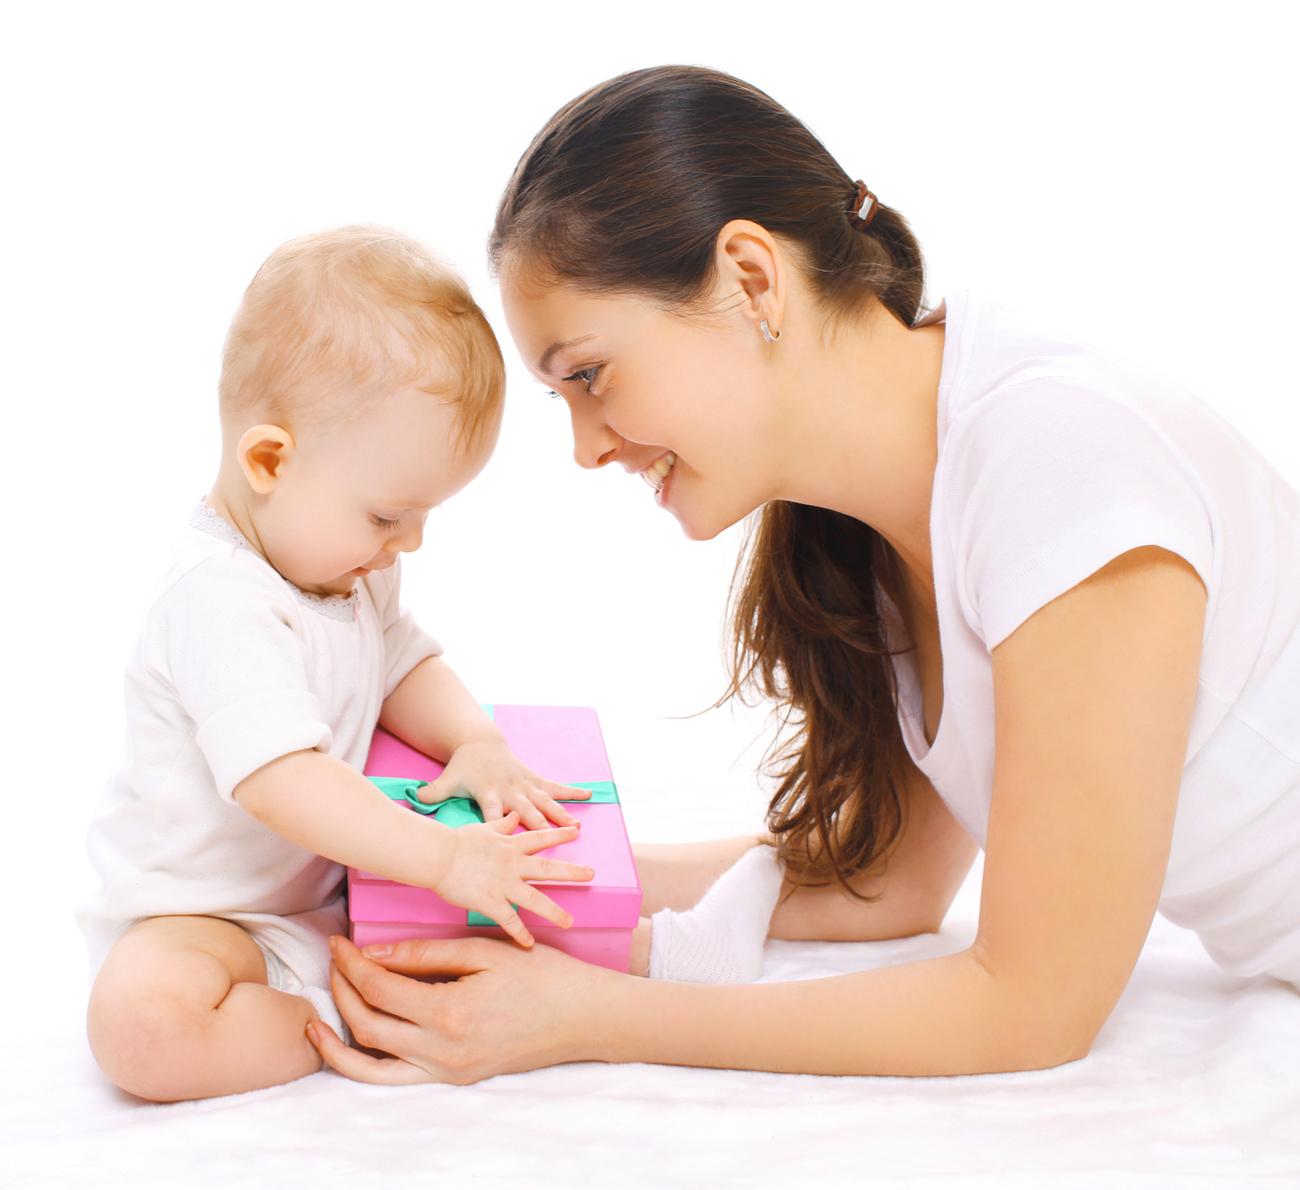 presente para recém-nascido